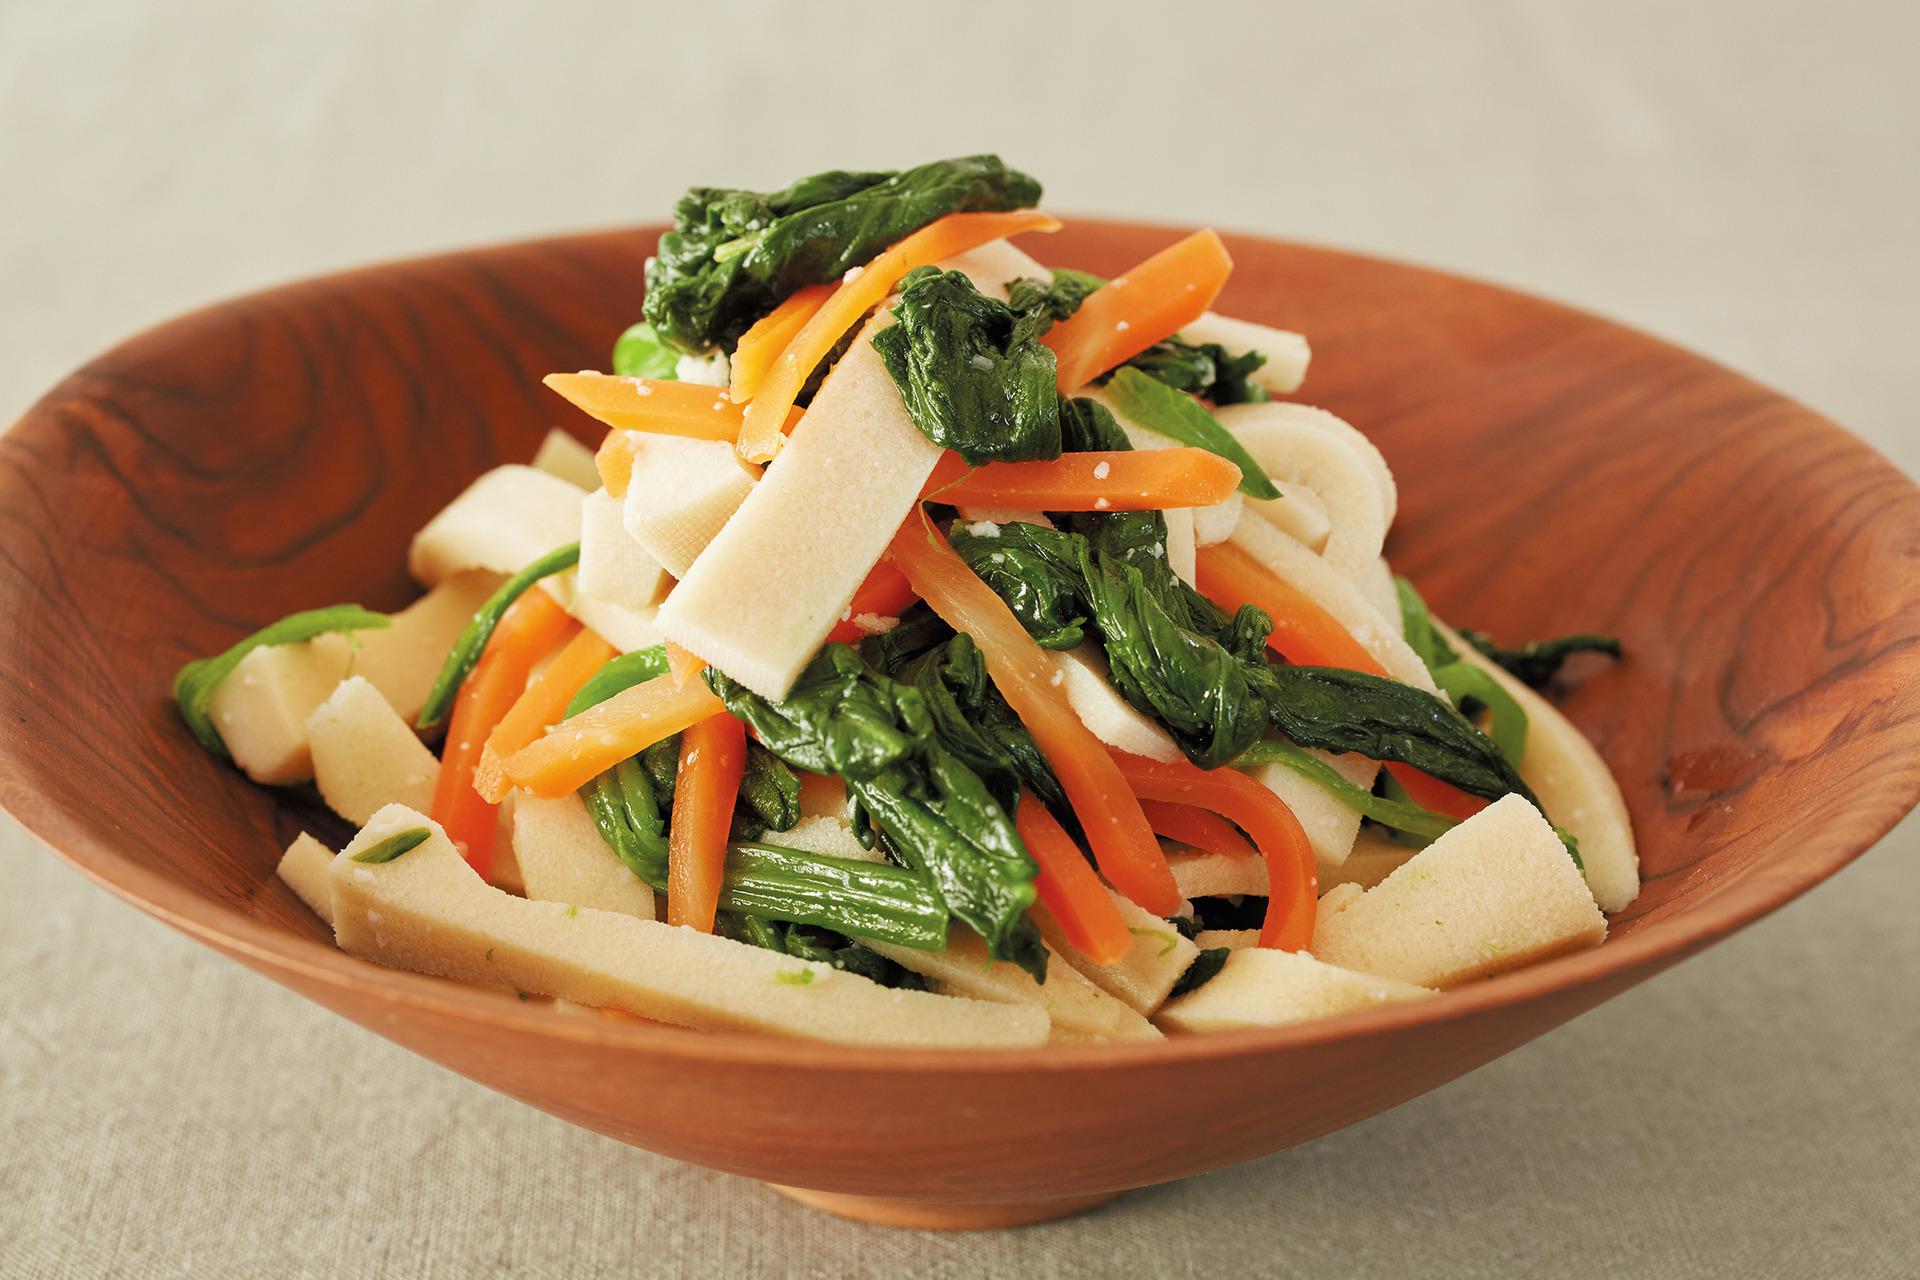 貧血対策&女性にうれしい成分も! 高野豆腐と緑黄色野菜の塩麹あえ_1_1